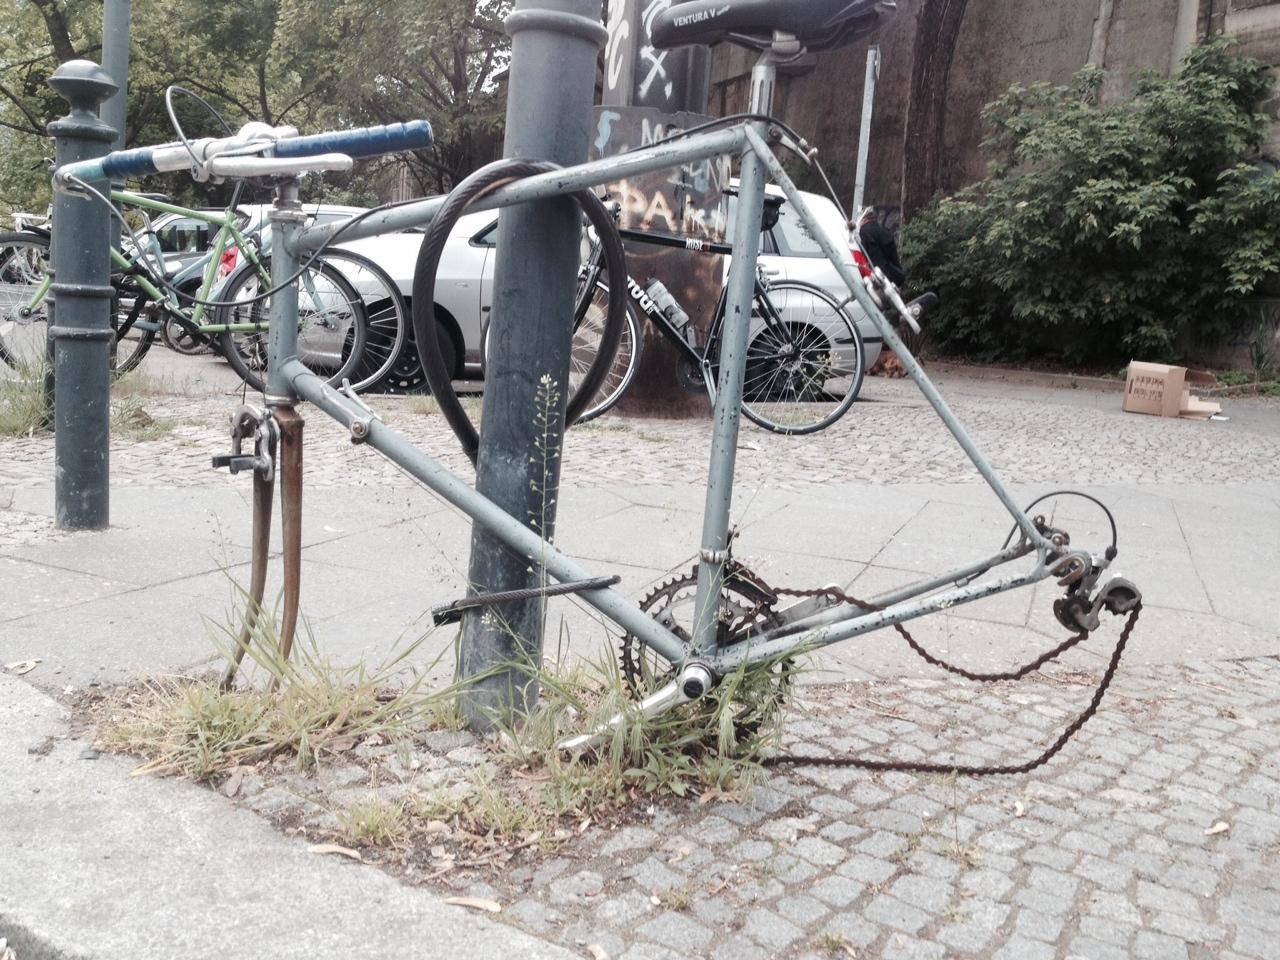 Fahrradcodierung schützt vor Diebstahl - stadtradler